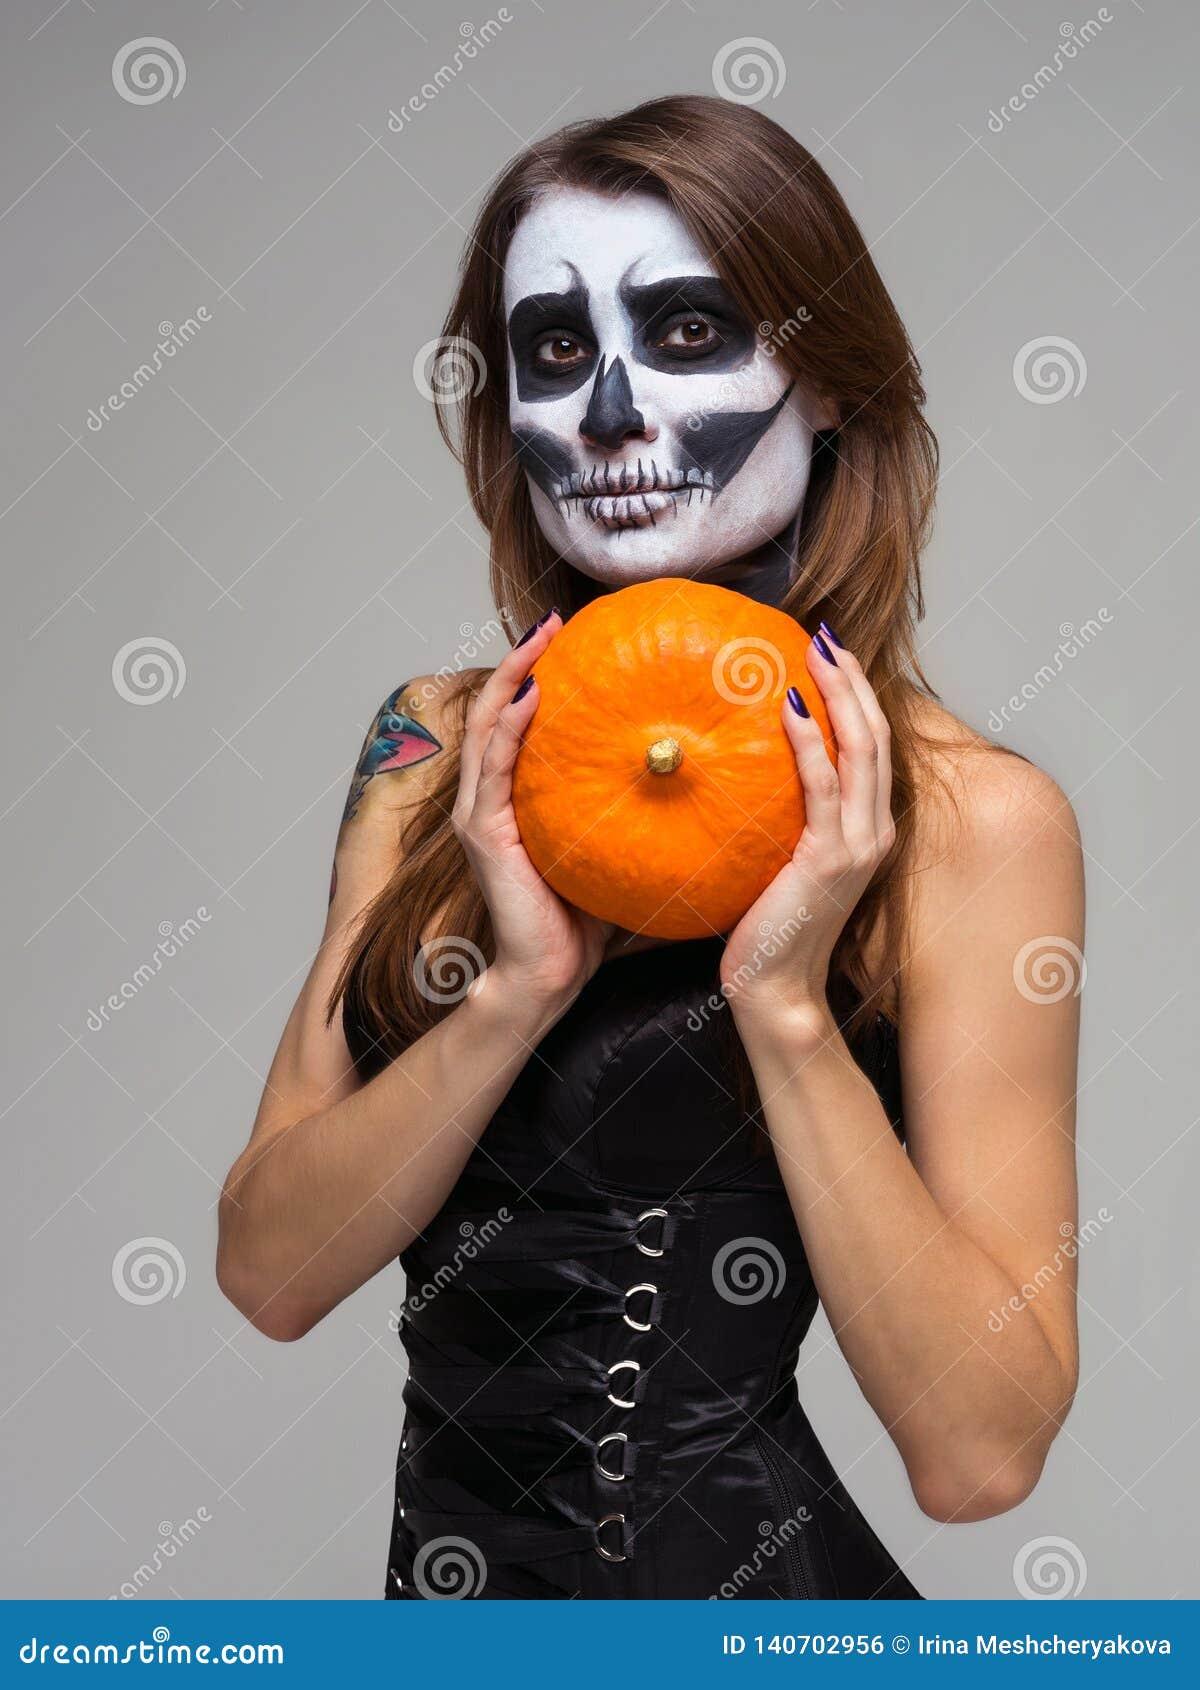 Retrato de la mujer con el maquillaje esquelético de Halloween que sostiene la calabaza sobre fondo gris